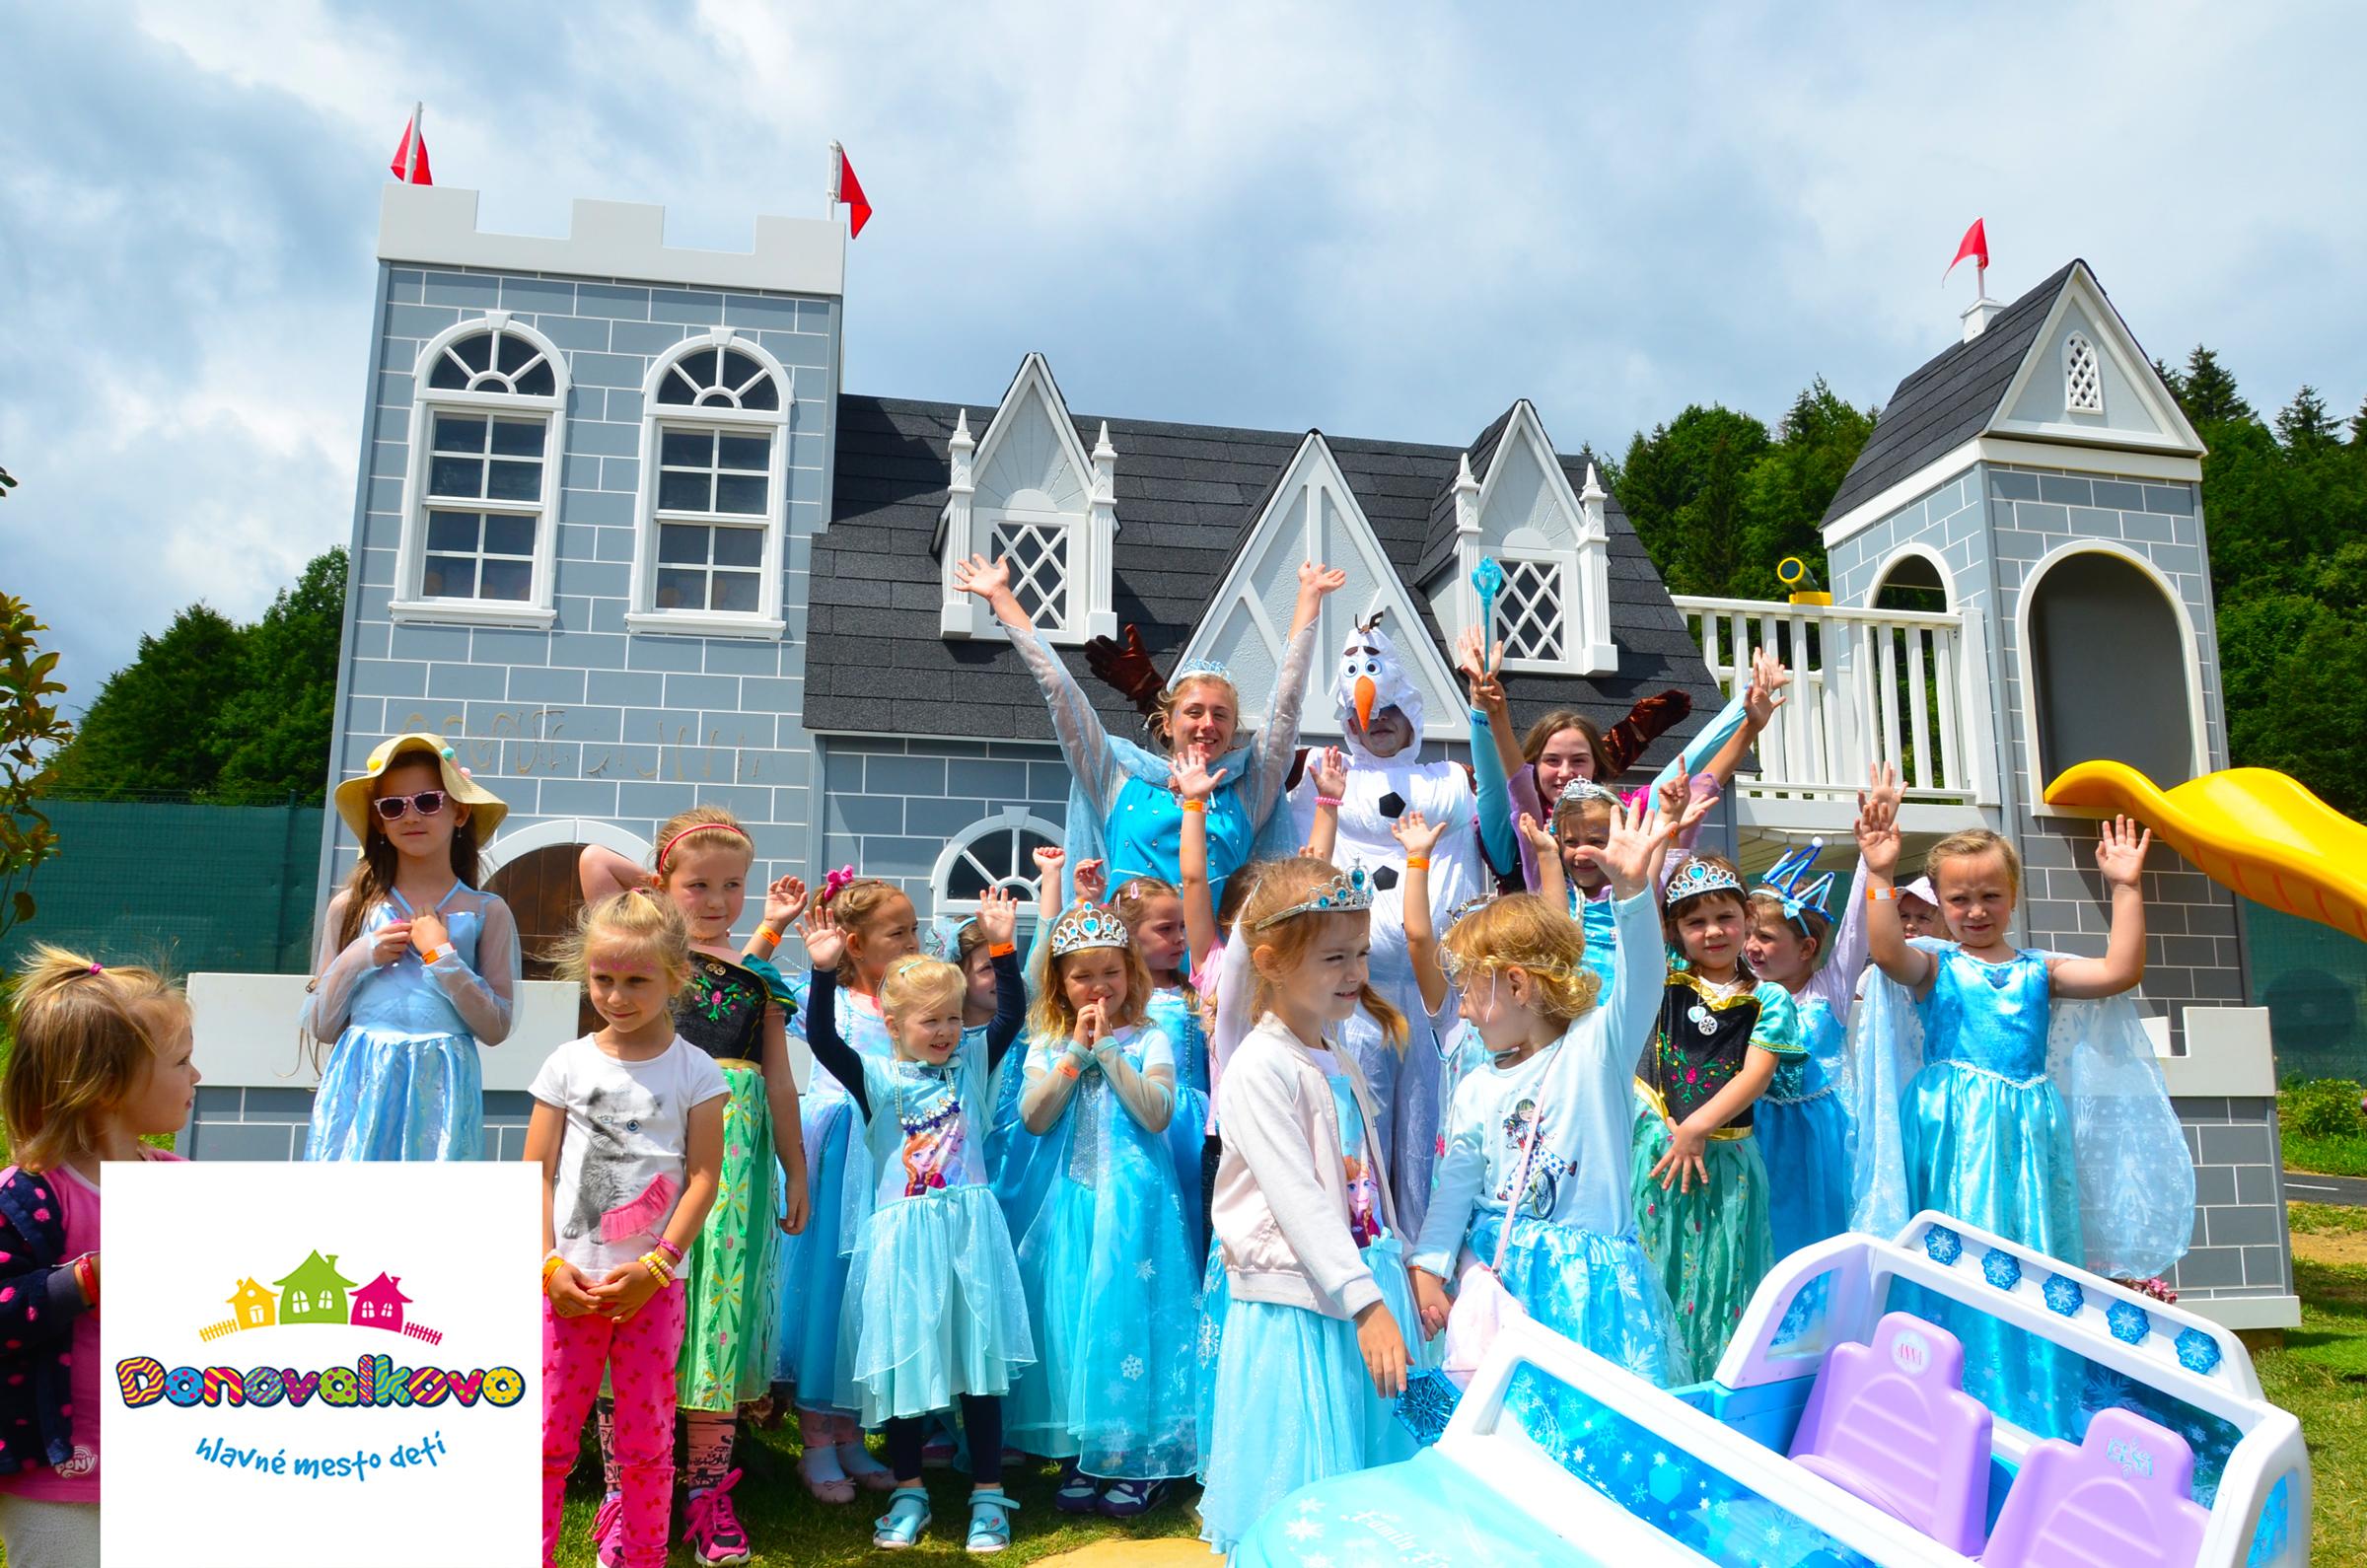 (Slovenčina) Deti v kostýmových šatách z rozprávky frozen, sa fotia spolu so snehuliakom pred zámkom v Donovalkove.